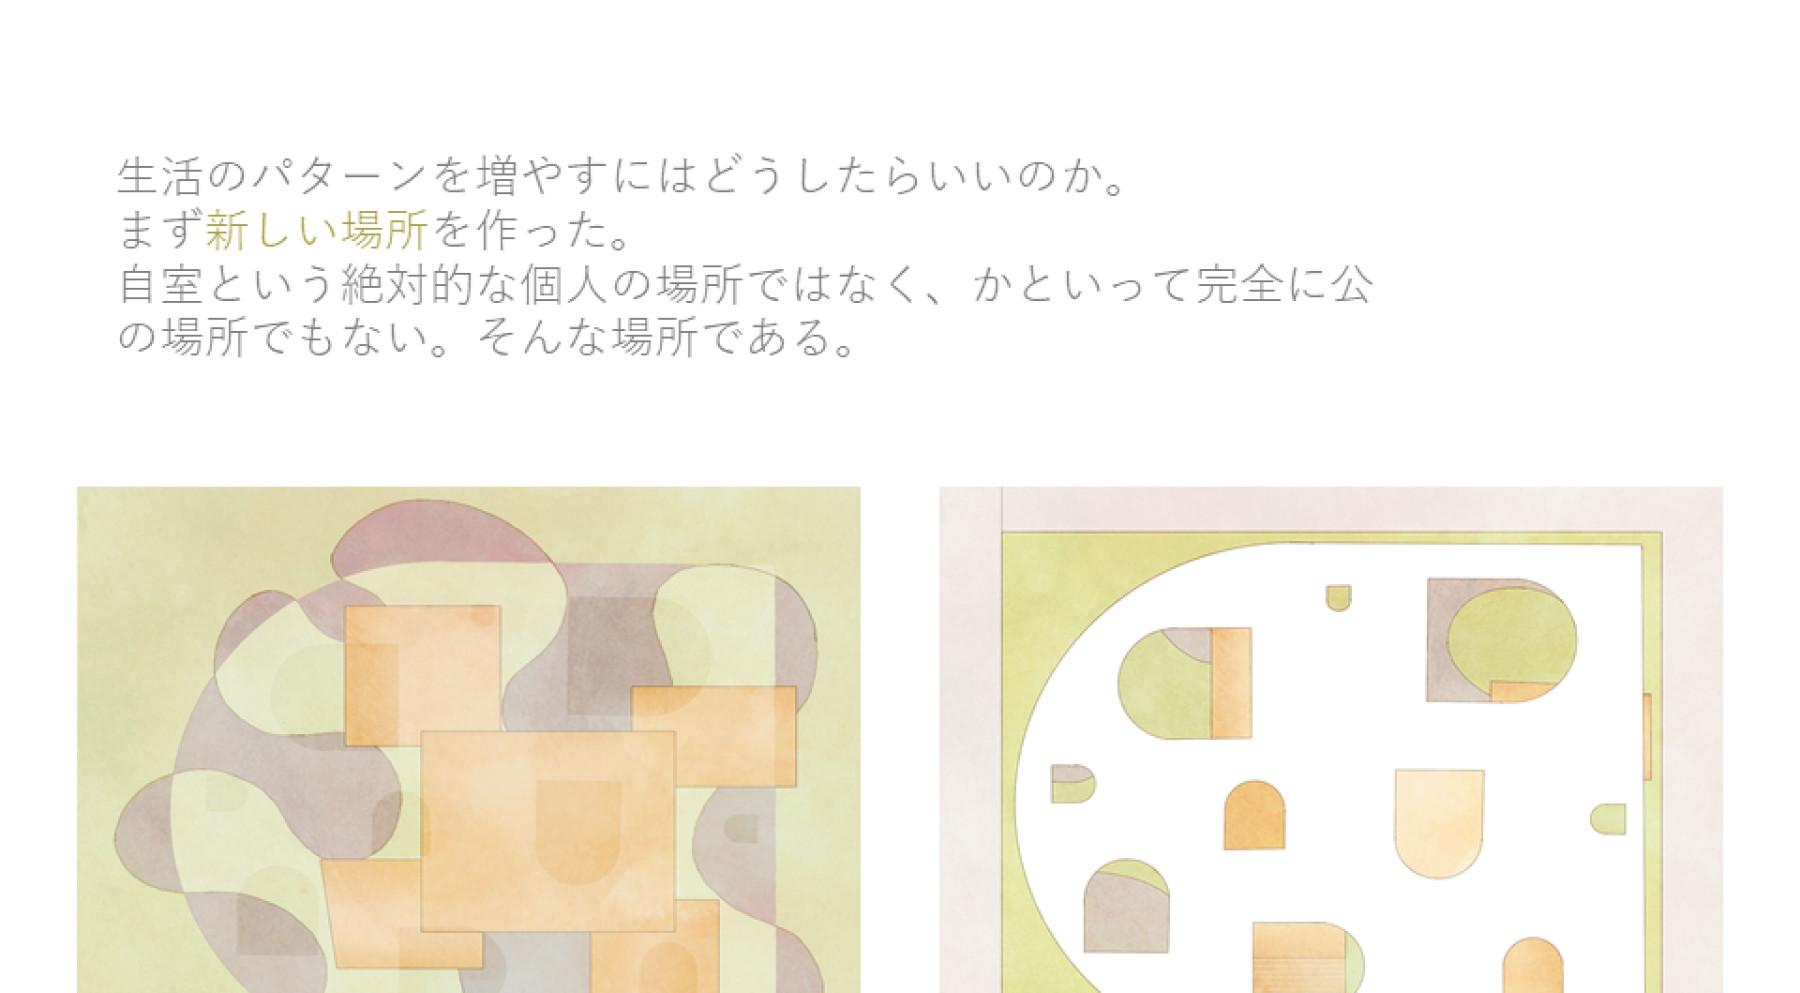 香川唯 設計製図Ⅲ 07.jpg